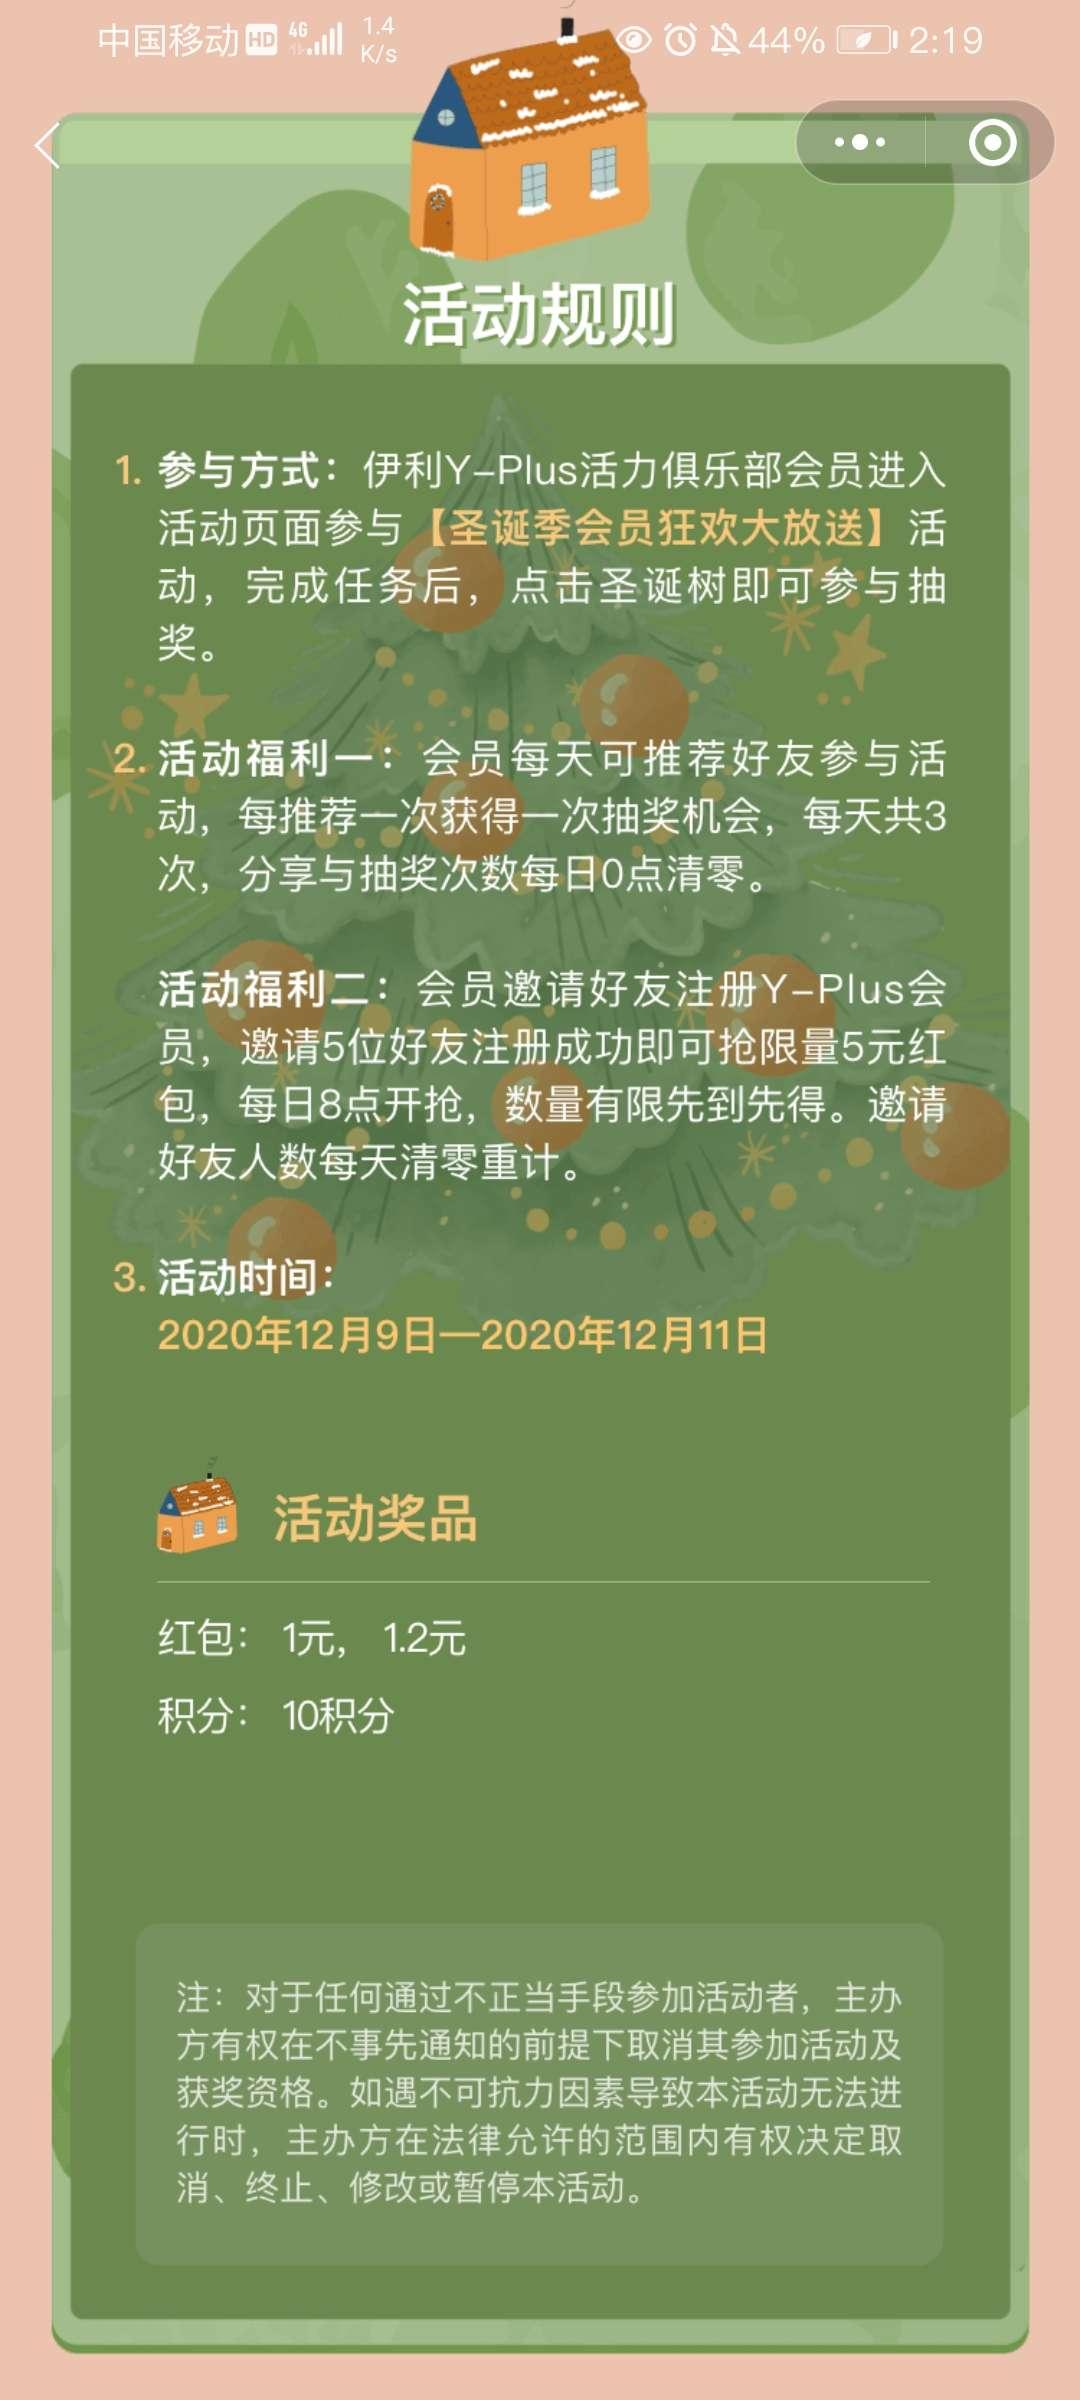 【现金红包】伊利Yplus小程序抽红包-聚合资源网